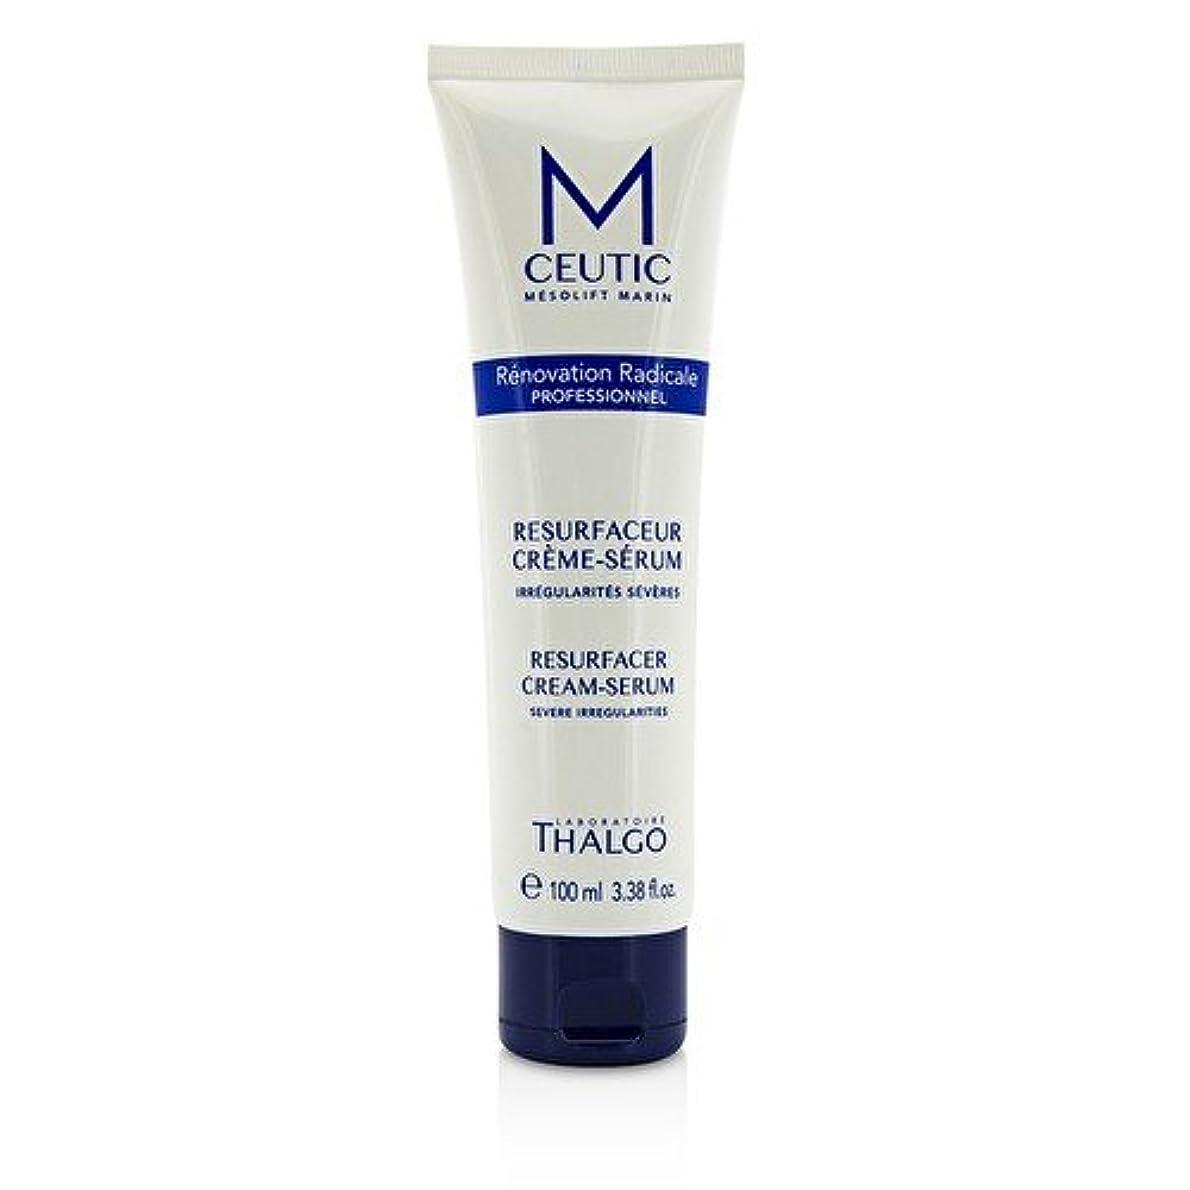 穏やかな息苦しいハーネスタルゴ MCEUTIC Resurfacer Cream-Serum - Salon Size 100ml/3.38oz並行輸入品